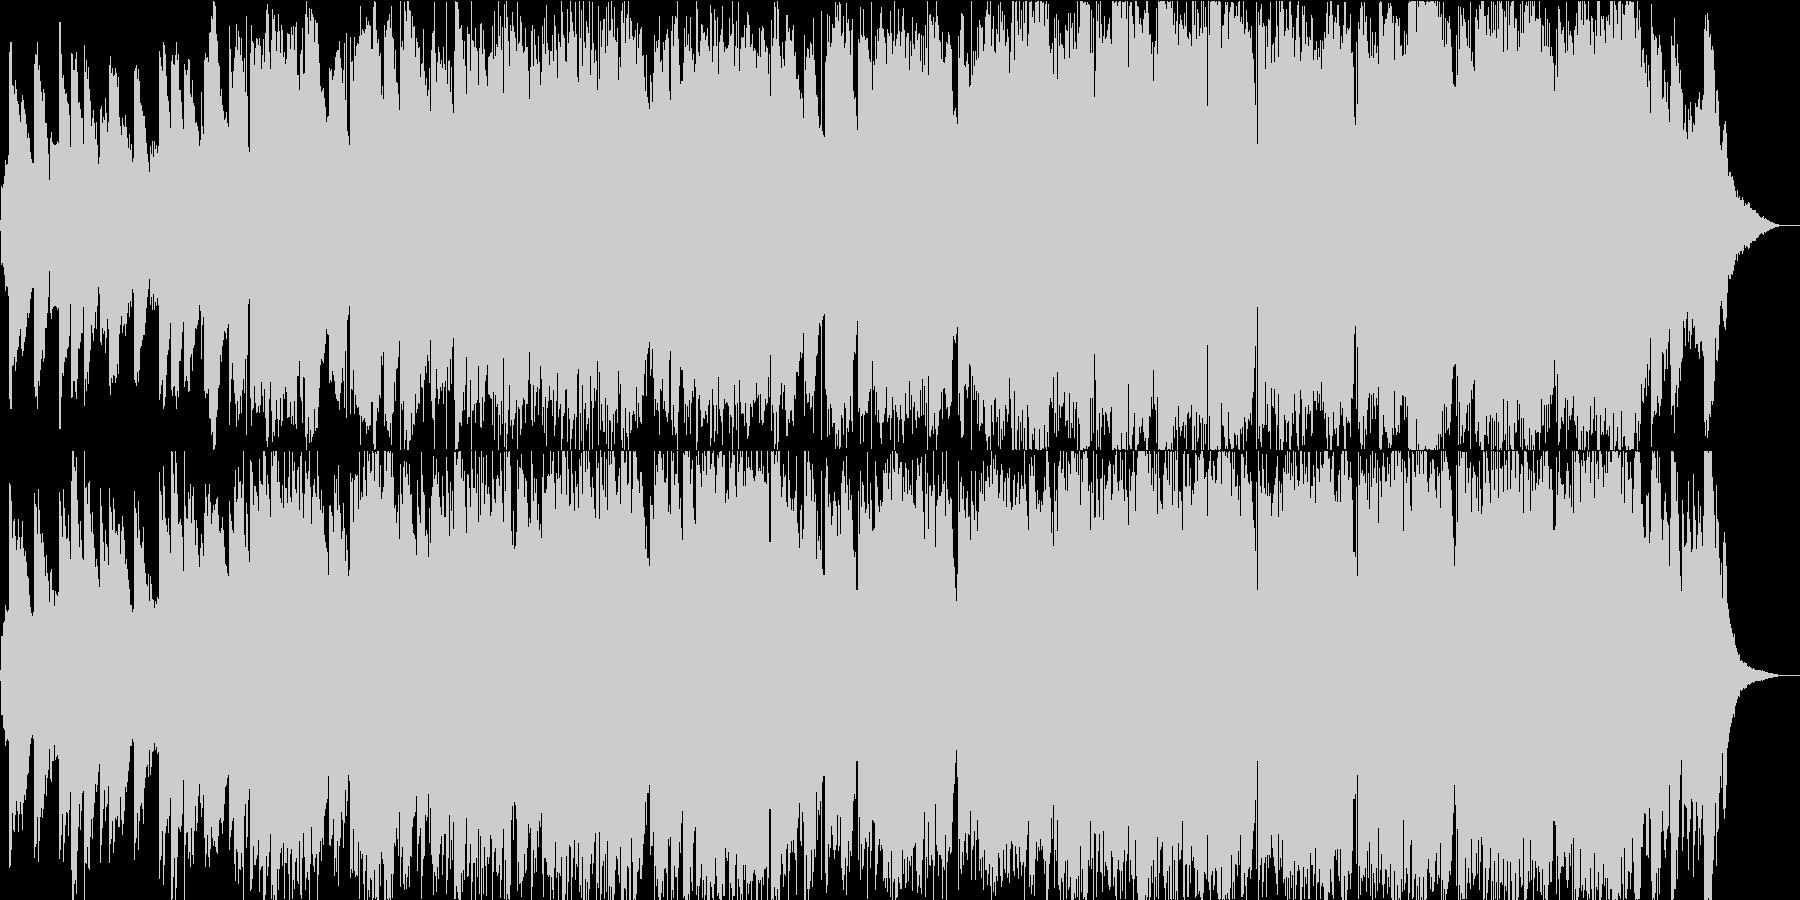 和風の笛の幻想的な音楽の未再生の波形